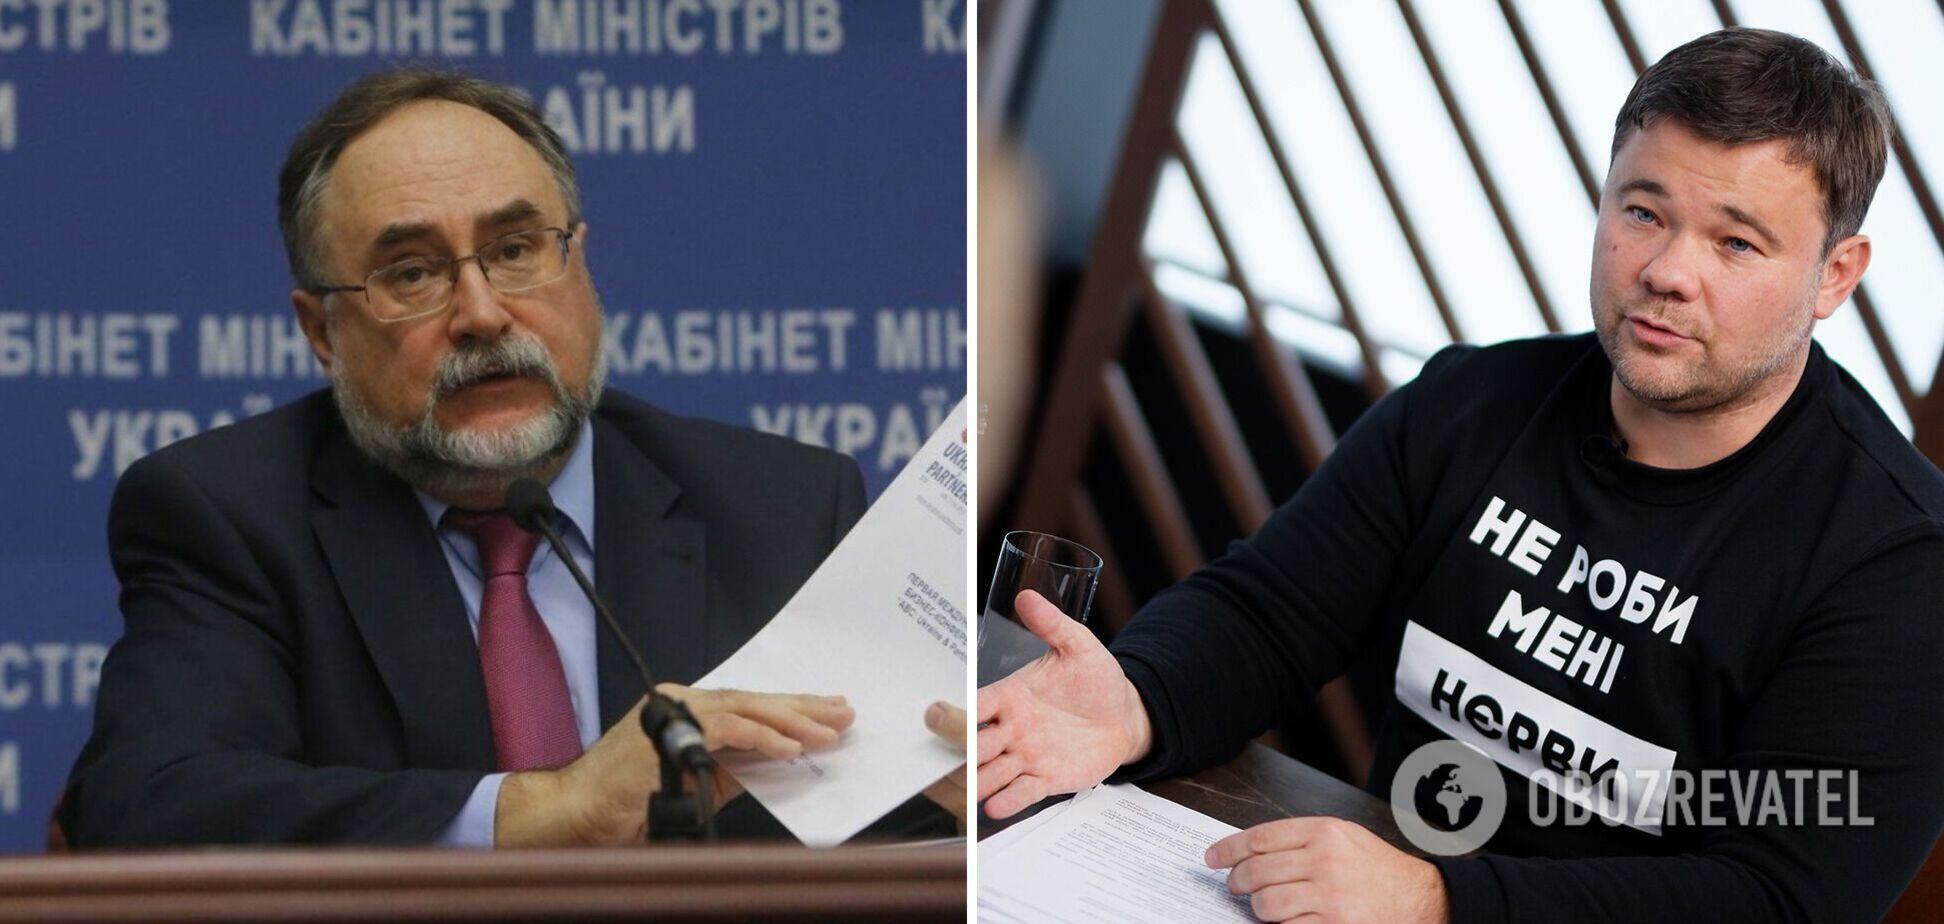 Богдан заявил, что умершего посла Украины в Китае терроризировали увольнением